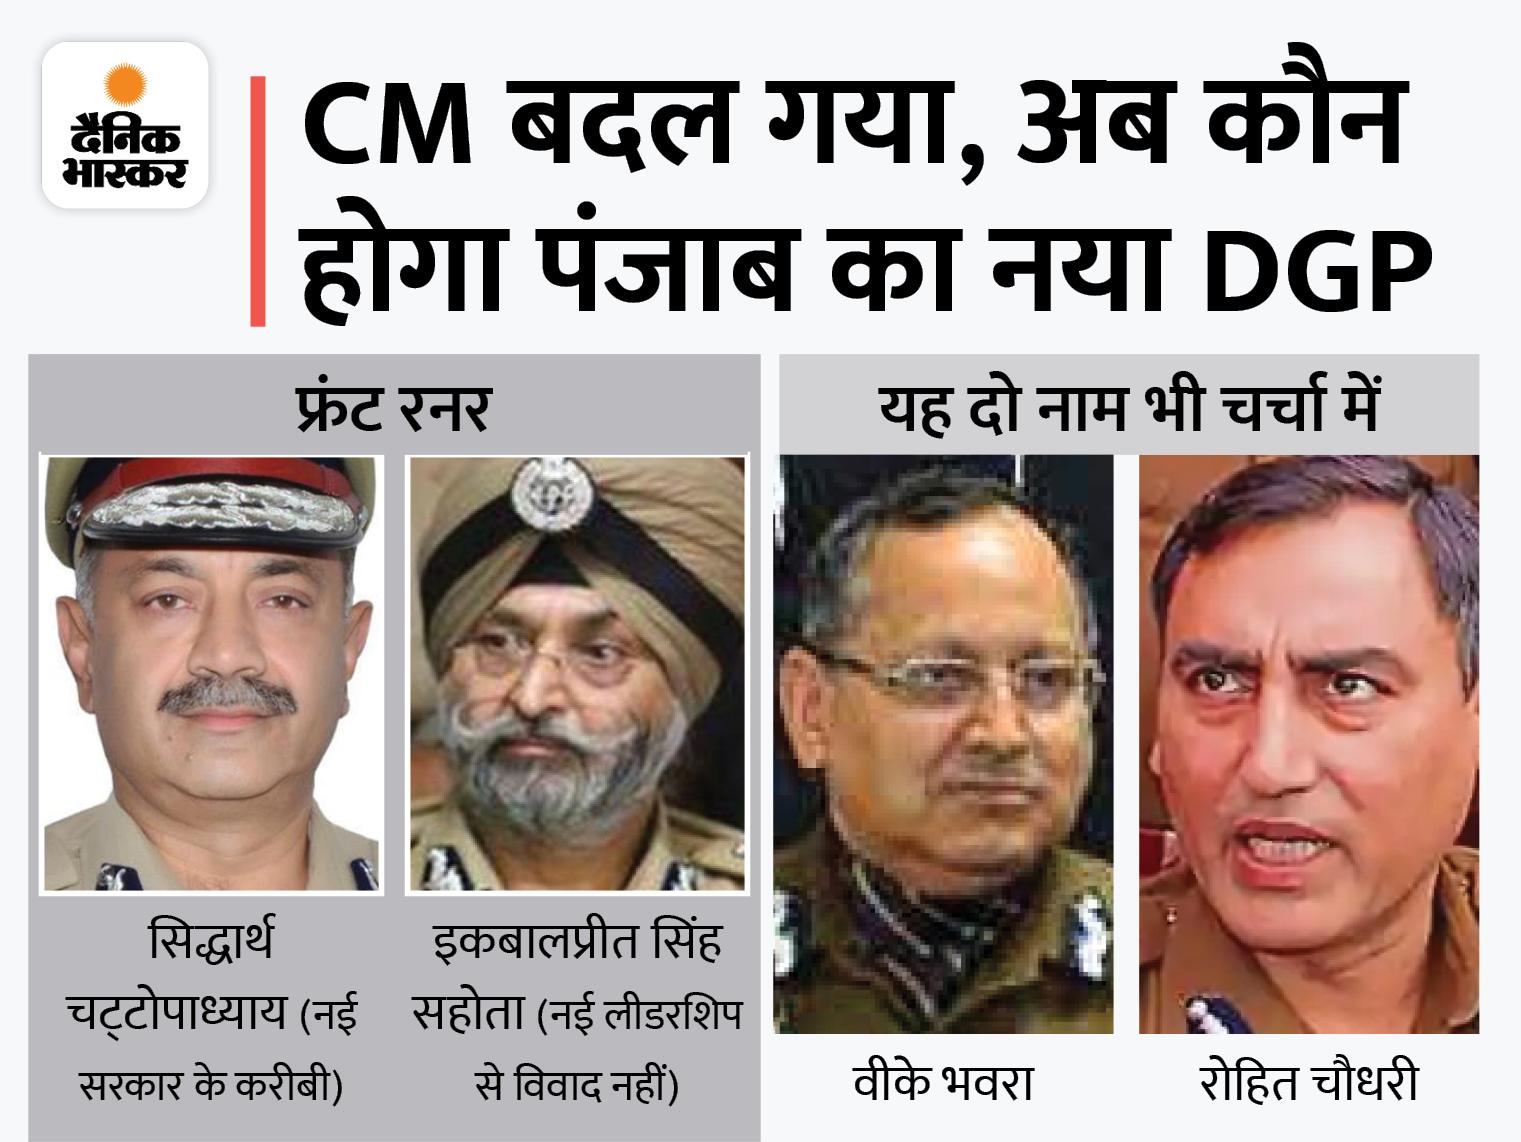 चन्नी सरकार में 4 अफसर दावेदार; सिद्धार्थ चट्टोपाध्याय और इकबाल प्रीत सिंह सहोता फ्रंट रनर; भवरा-चौधरी के नाम भी चर्चा में|देश,National - Dainik Bhaskar